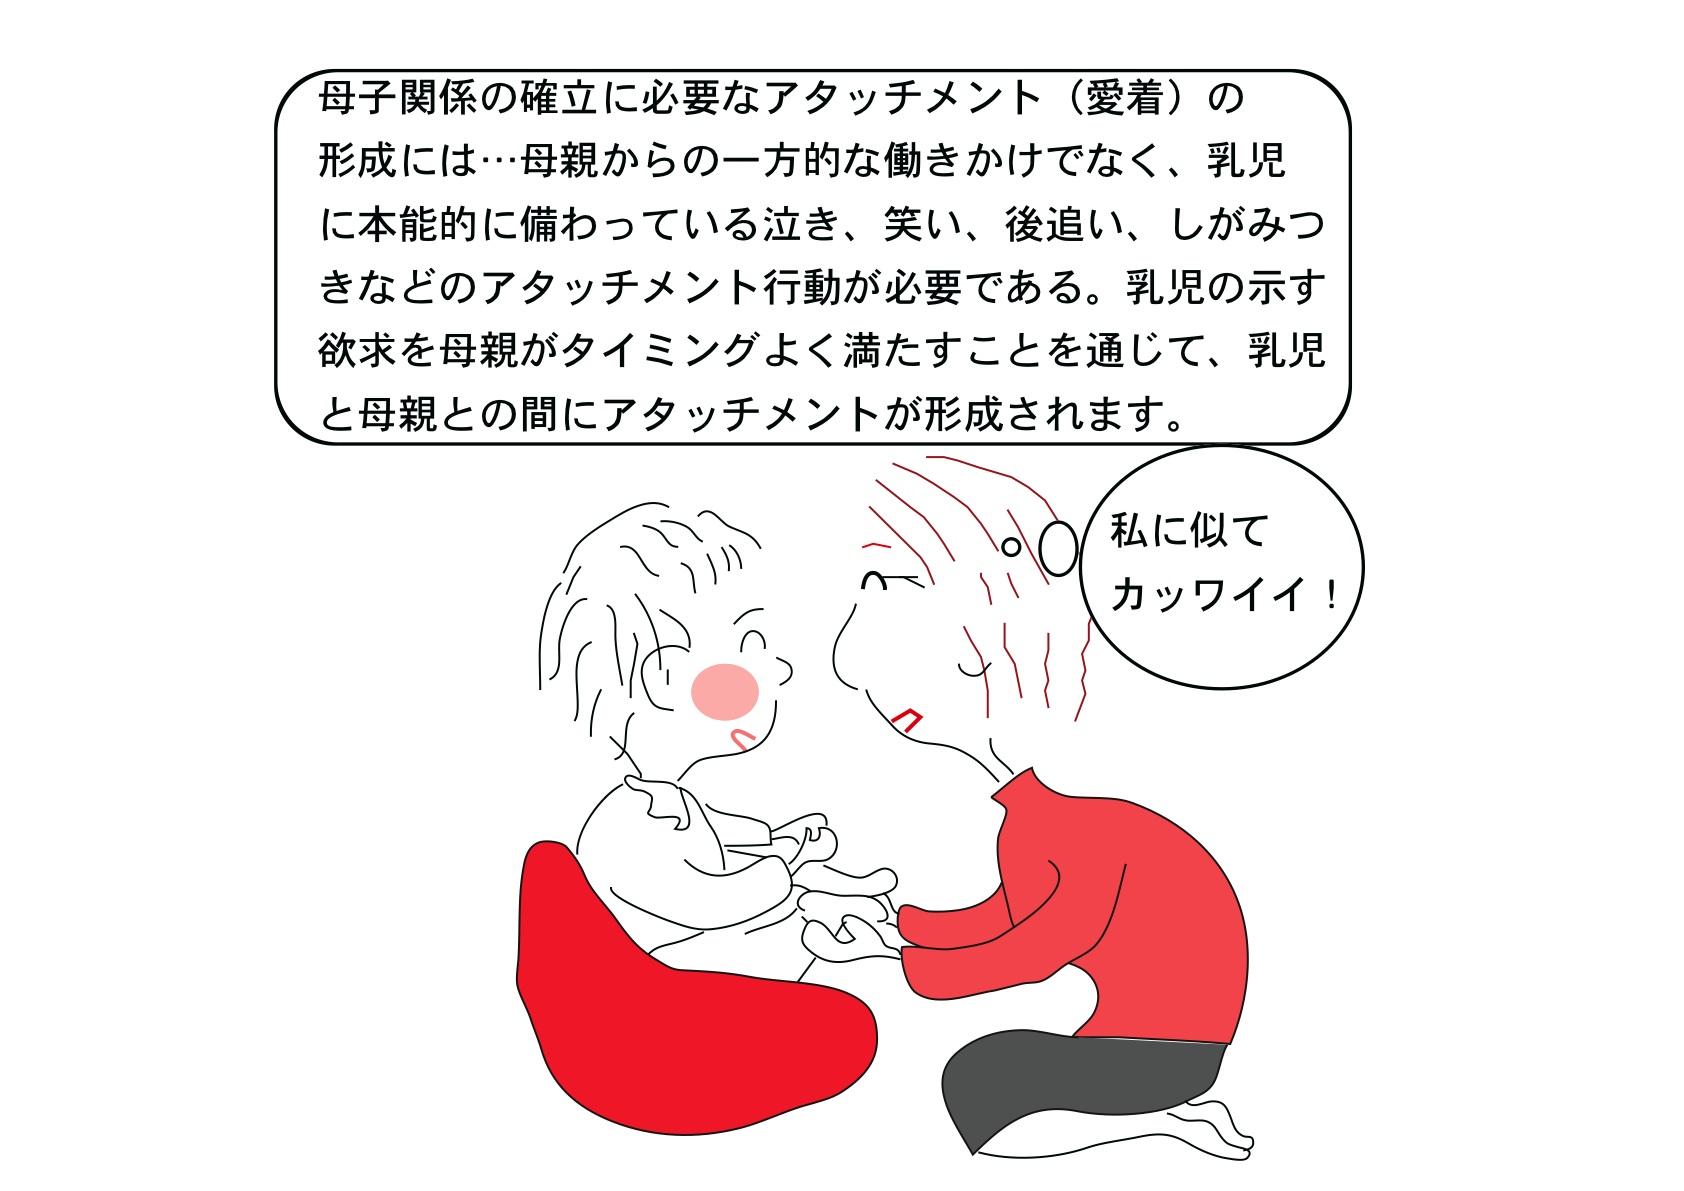 乳房の発達段階 を母さんの健康と赤ちゃんの健やかな発育のために 食事はとても大切です ー 日 3食とるこ とã